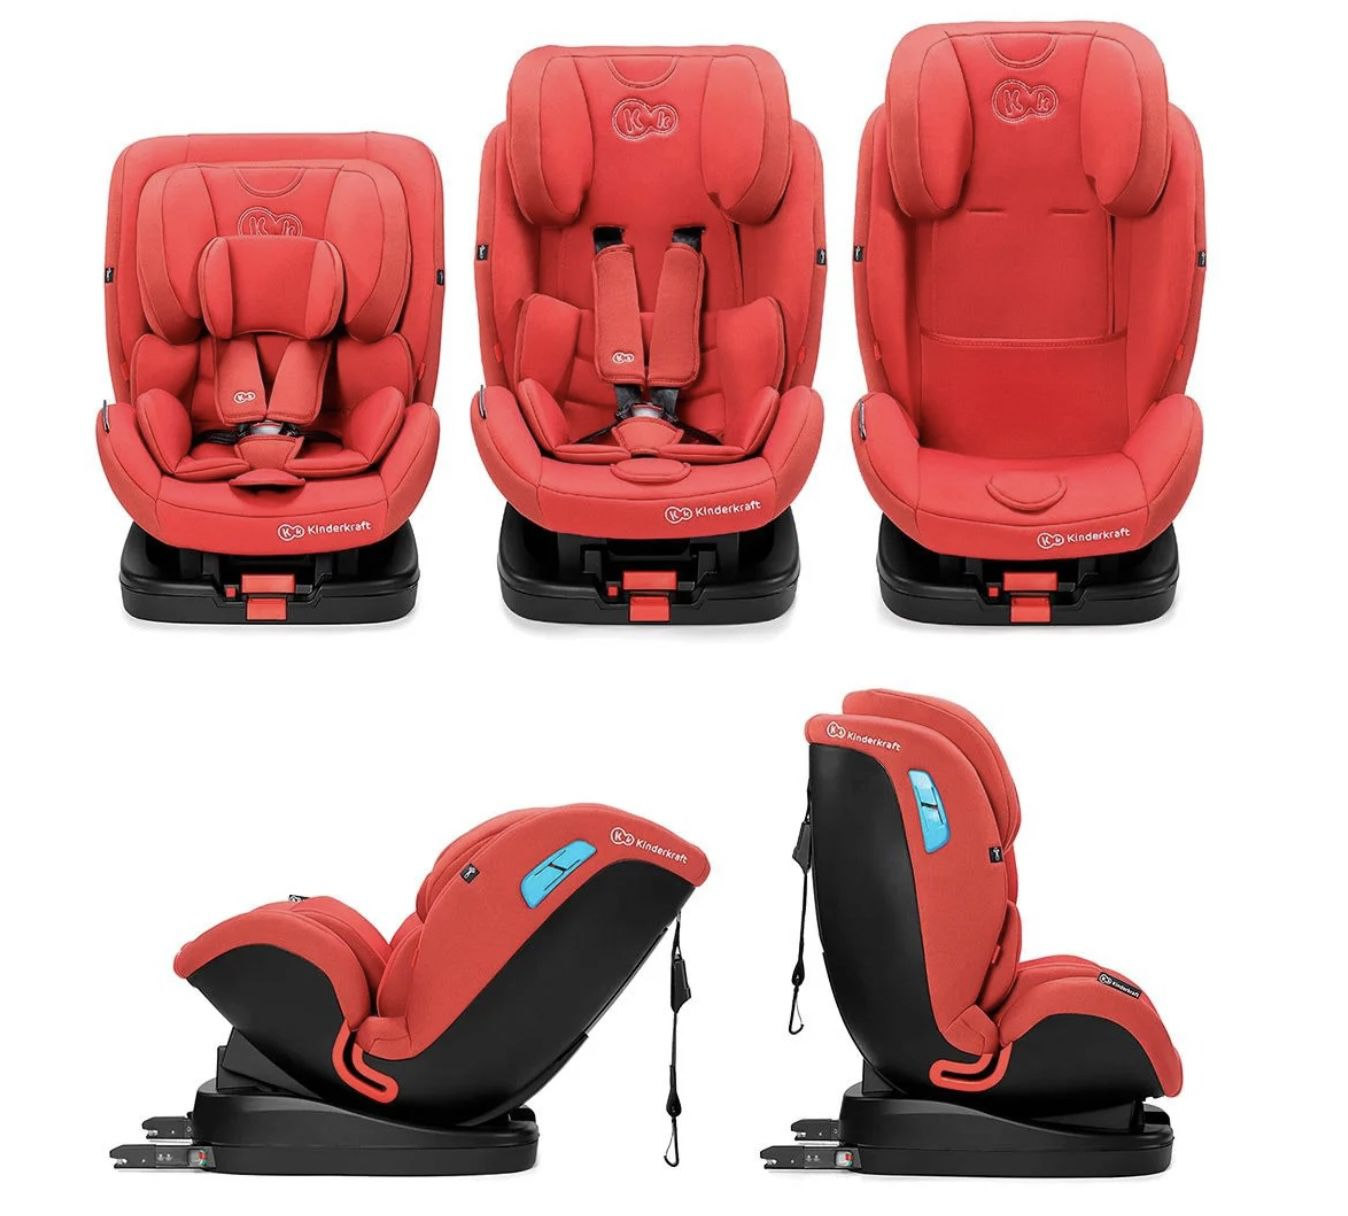 Kinderkraft Kindersitz Vado Red für 129,99€ (statt 170€)